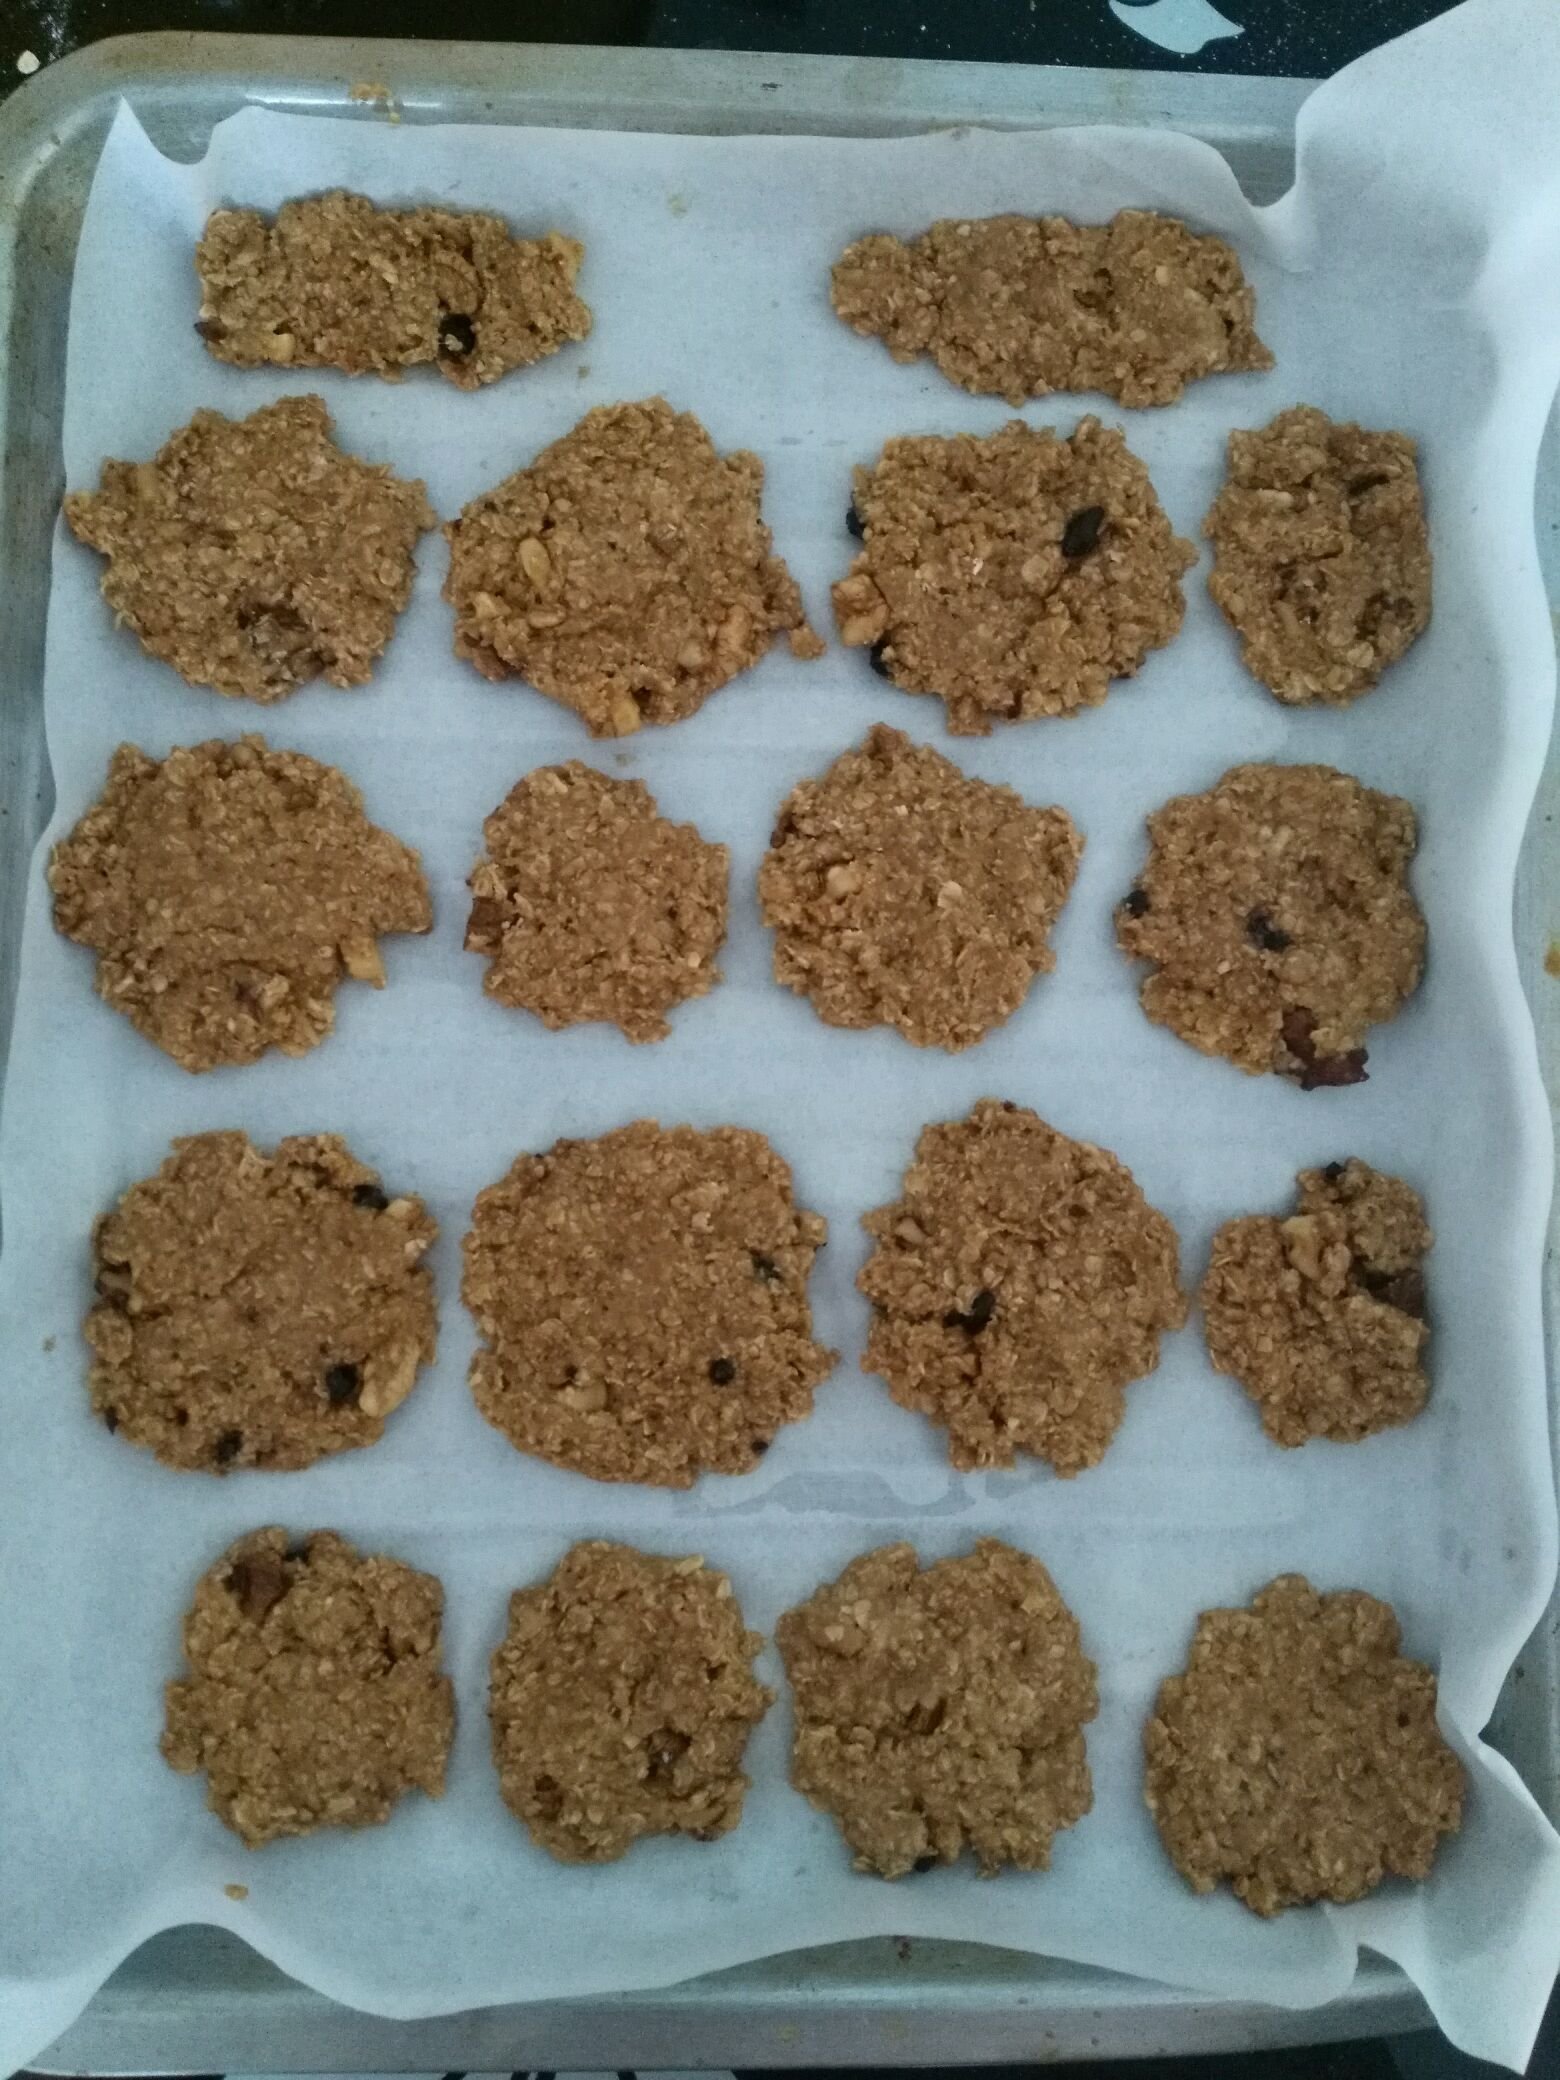 燕麦饼干   减肥小零食的做法步骤